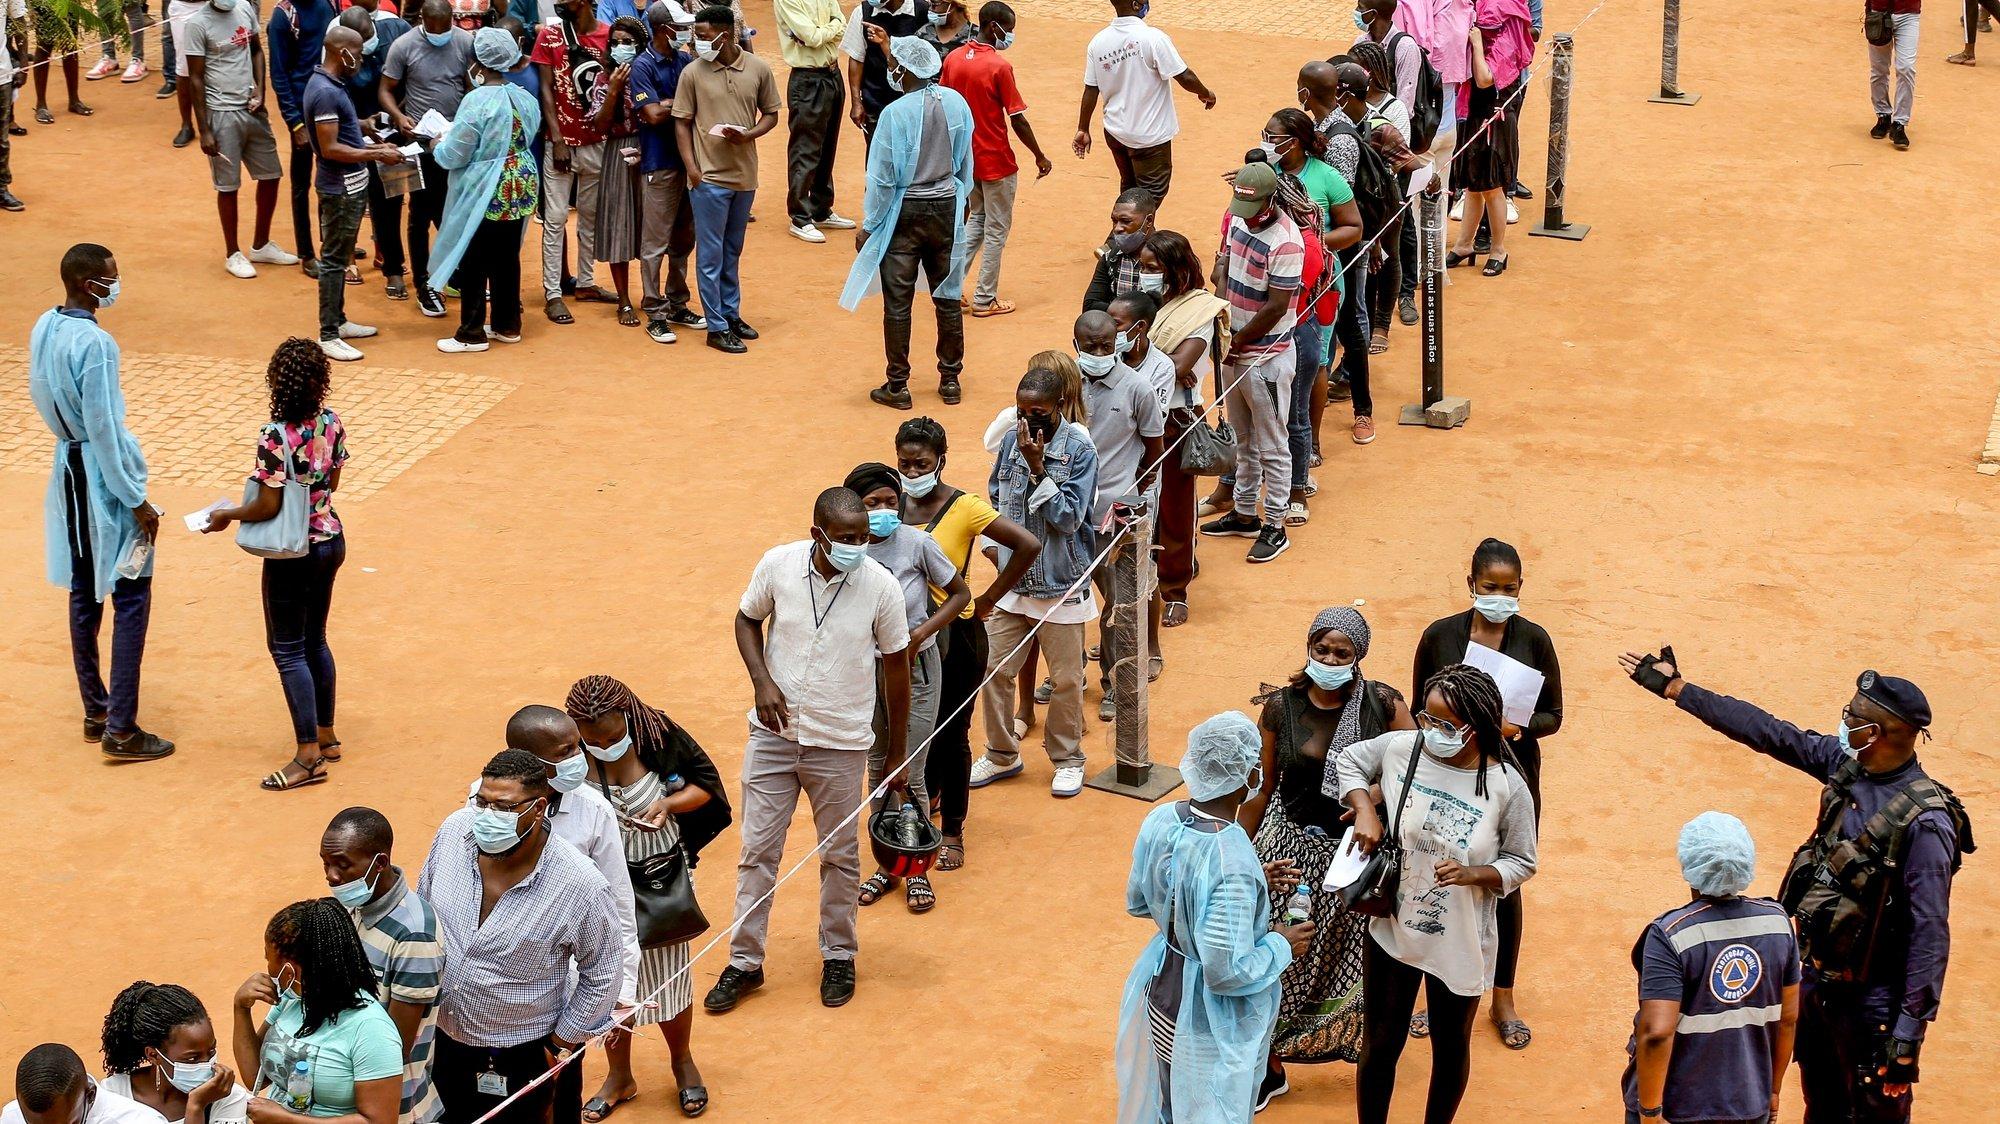 Reportagem sobre afluência aos centros de vacinação após novas medidas restritivas e exigência de certificados de vacinação, posto Mutu ya Kevela, Luanda, Angola, 01 de outubro de 2021. (ACOMPANHA TEXTO DE 02 DE OUTUBRO DE 2021). AMPE ROGÉRIO/LUSA